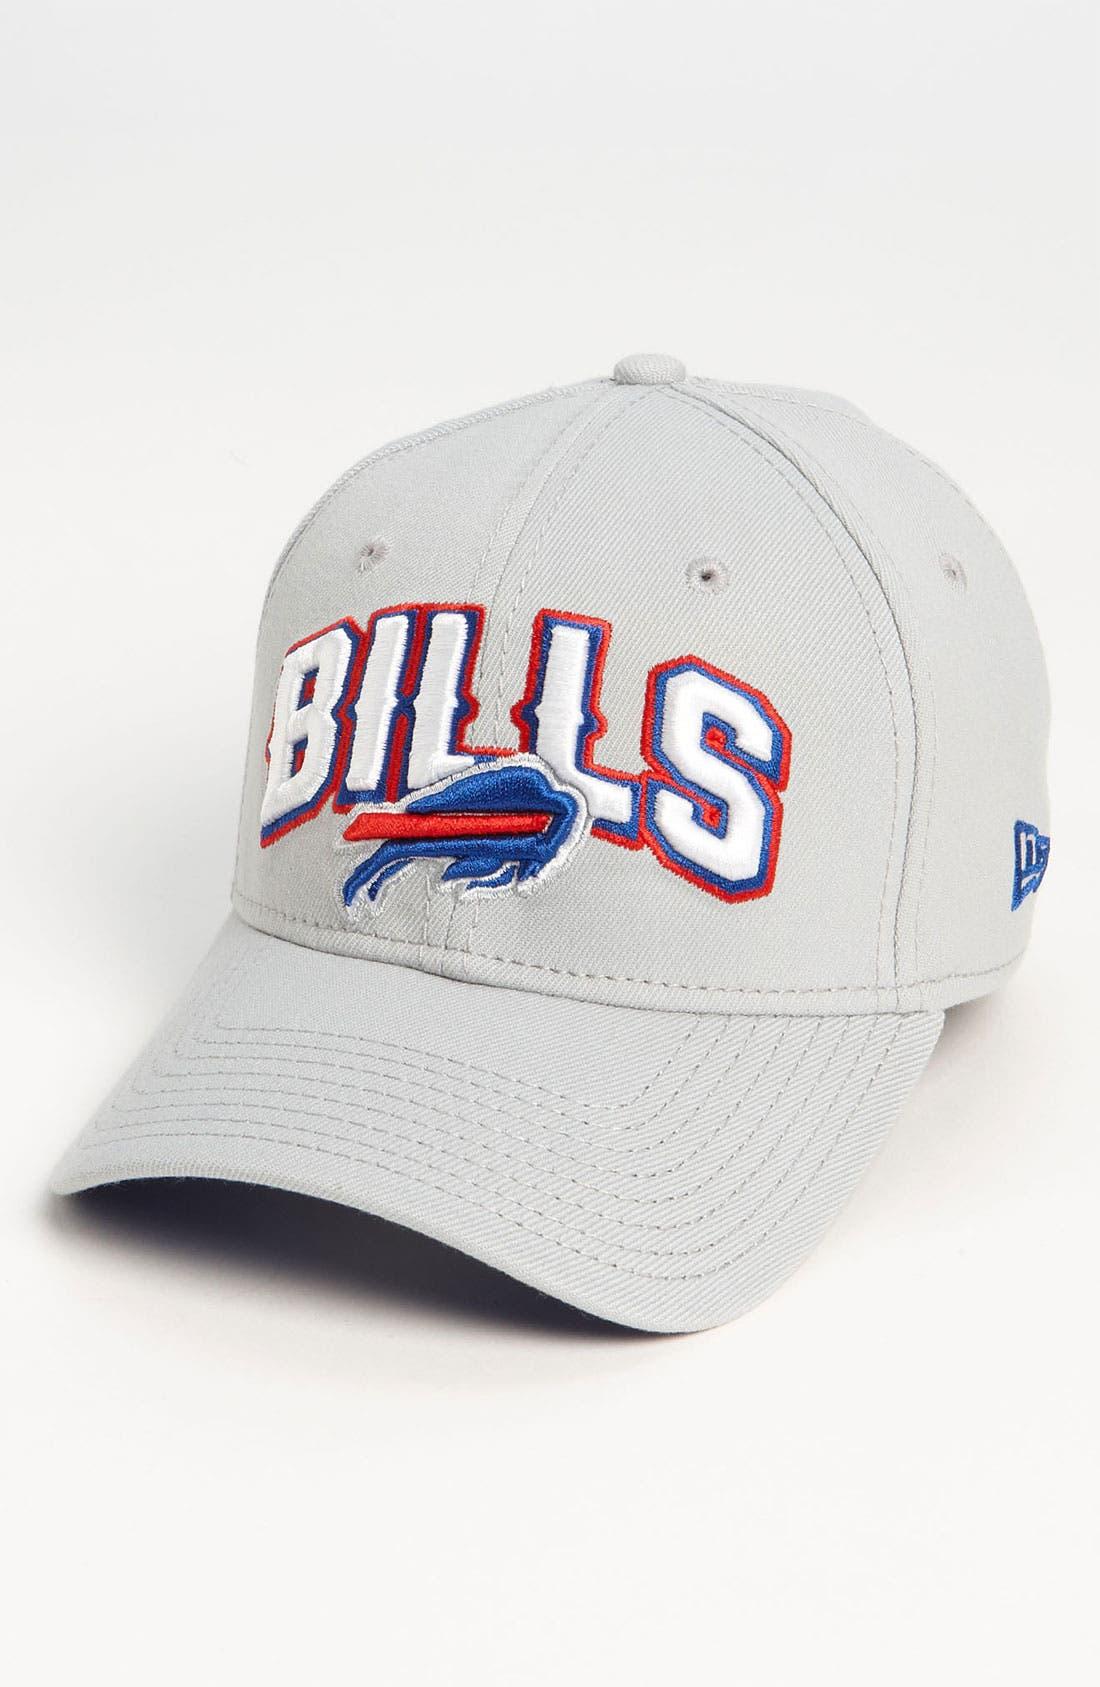 Main Image - New Era Cap 'NFL Draft - Buffalo Bills' Baseball Cap